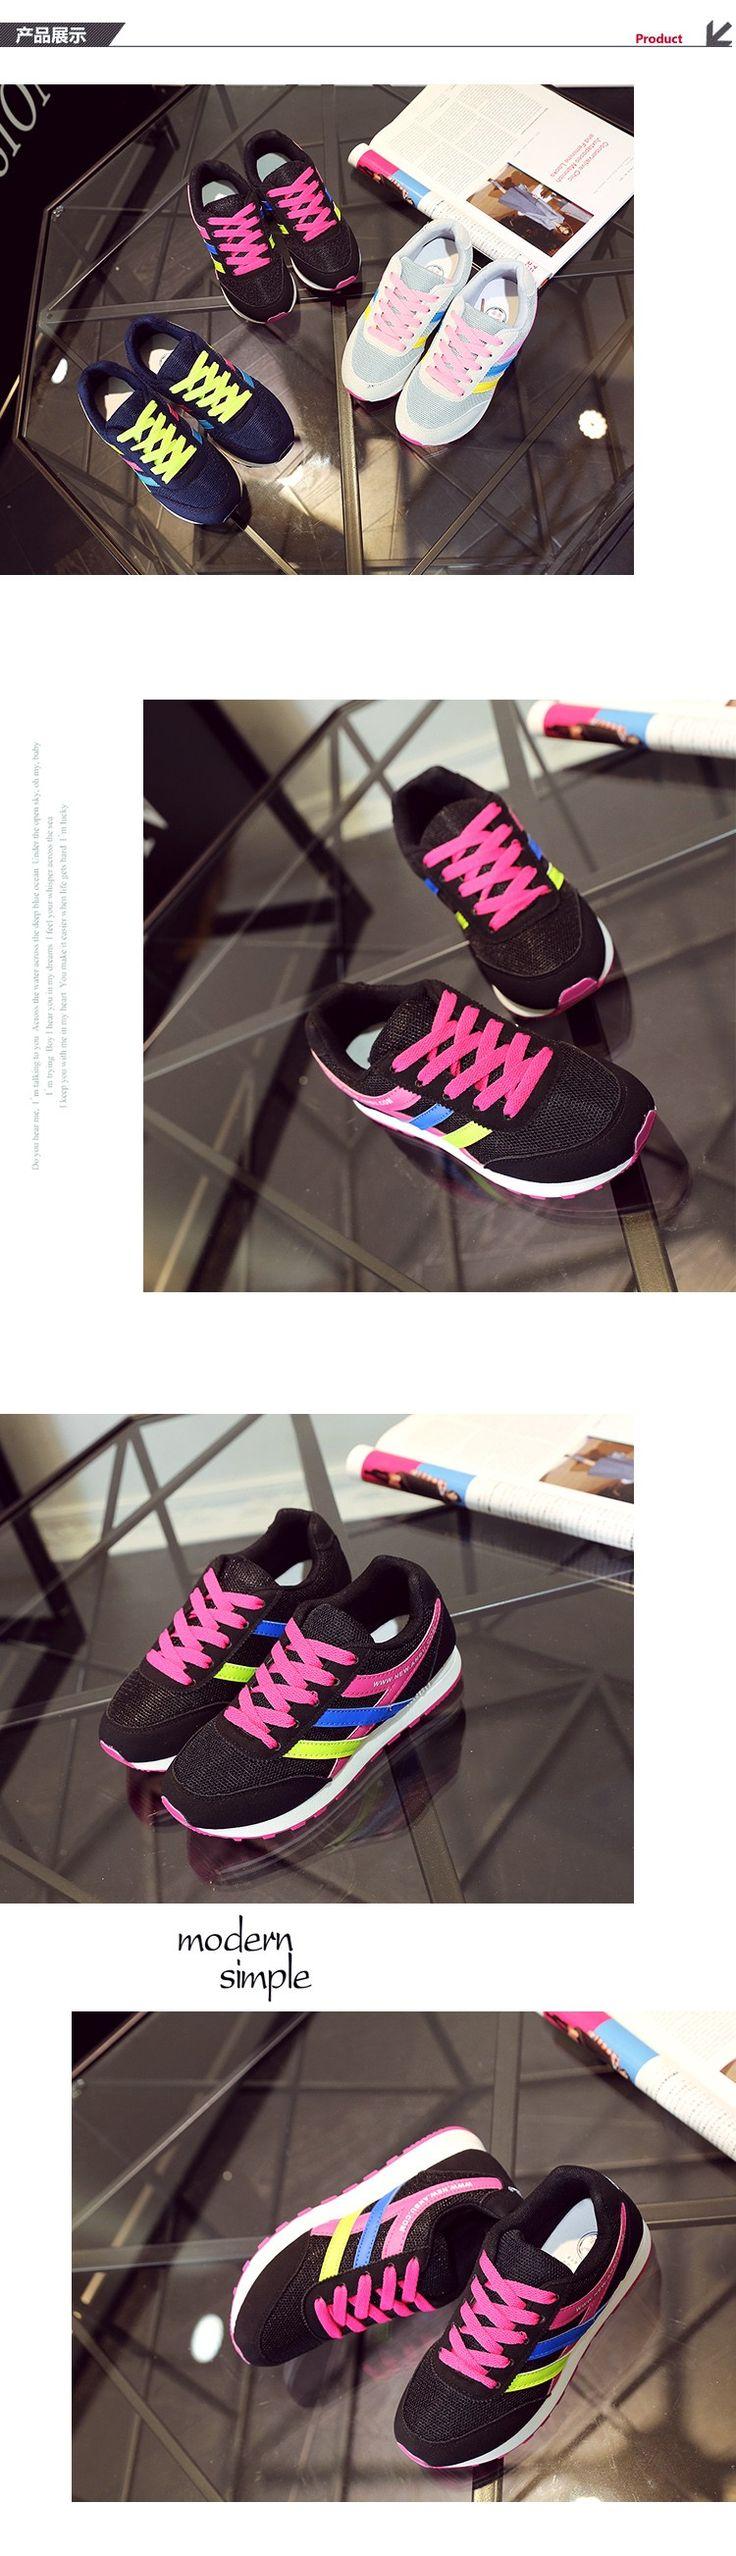 2016 горячая дыхания женщин свободного покроя обувь весна полосатый кружева up zapatillas deportivas mujer хлопок квартиры обувь женщина тренеры купить на AliExpress